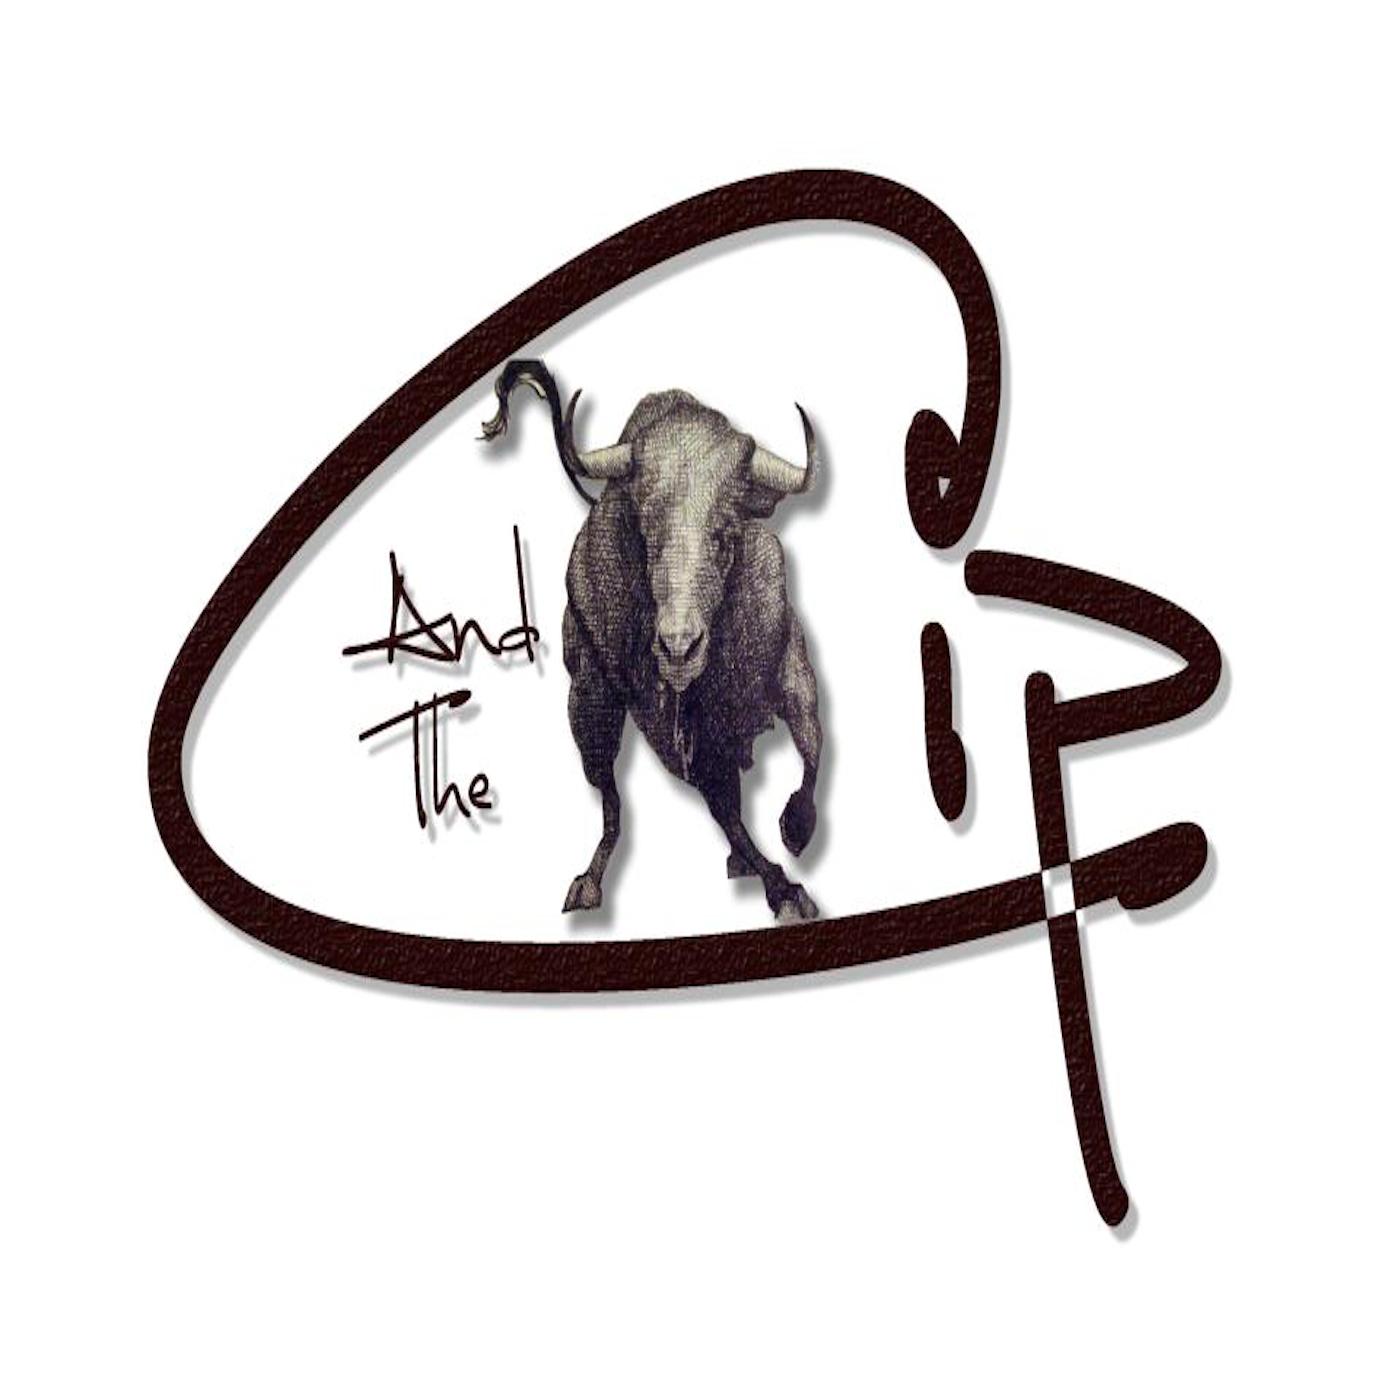 JC & The Bull